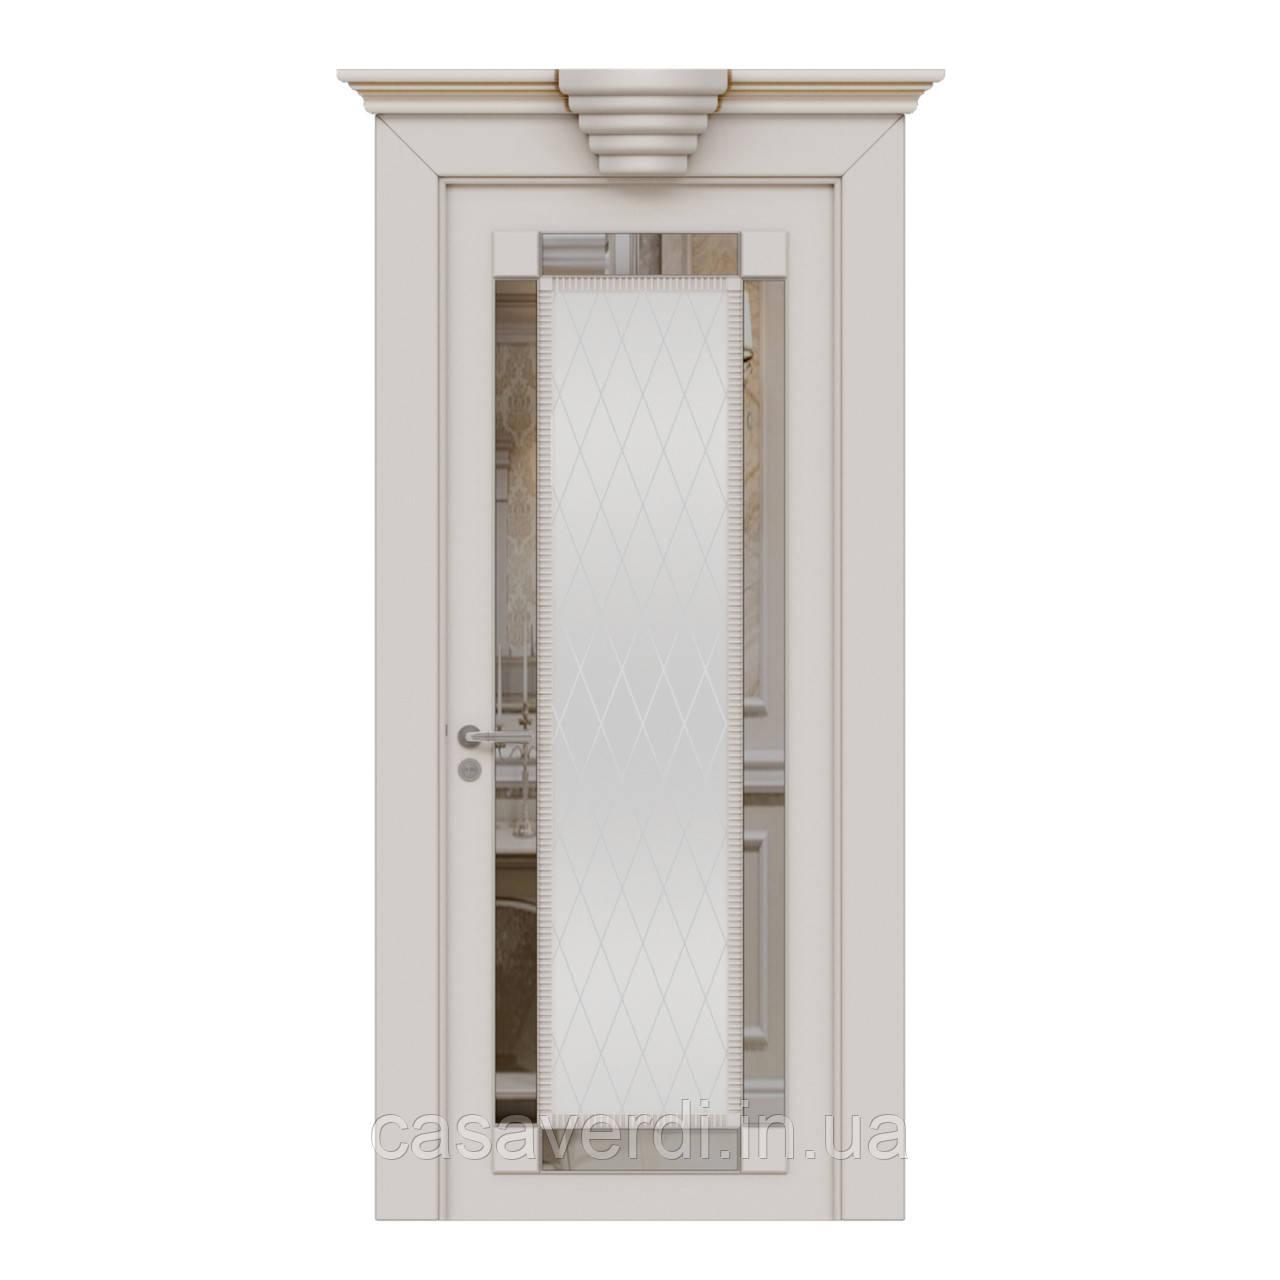 Межкомнатная дверь Casa Verdi Firenze 4 из массива ольхи белая